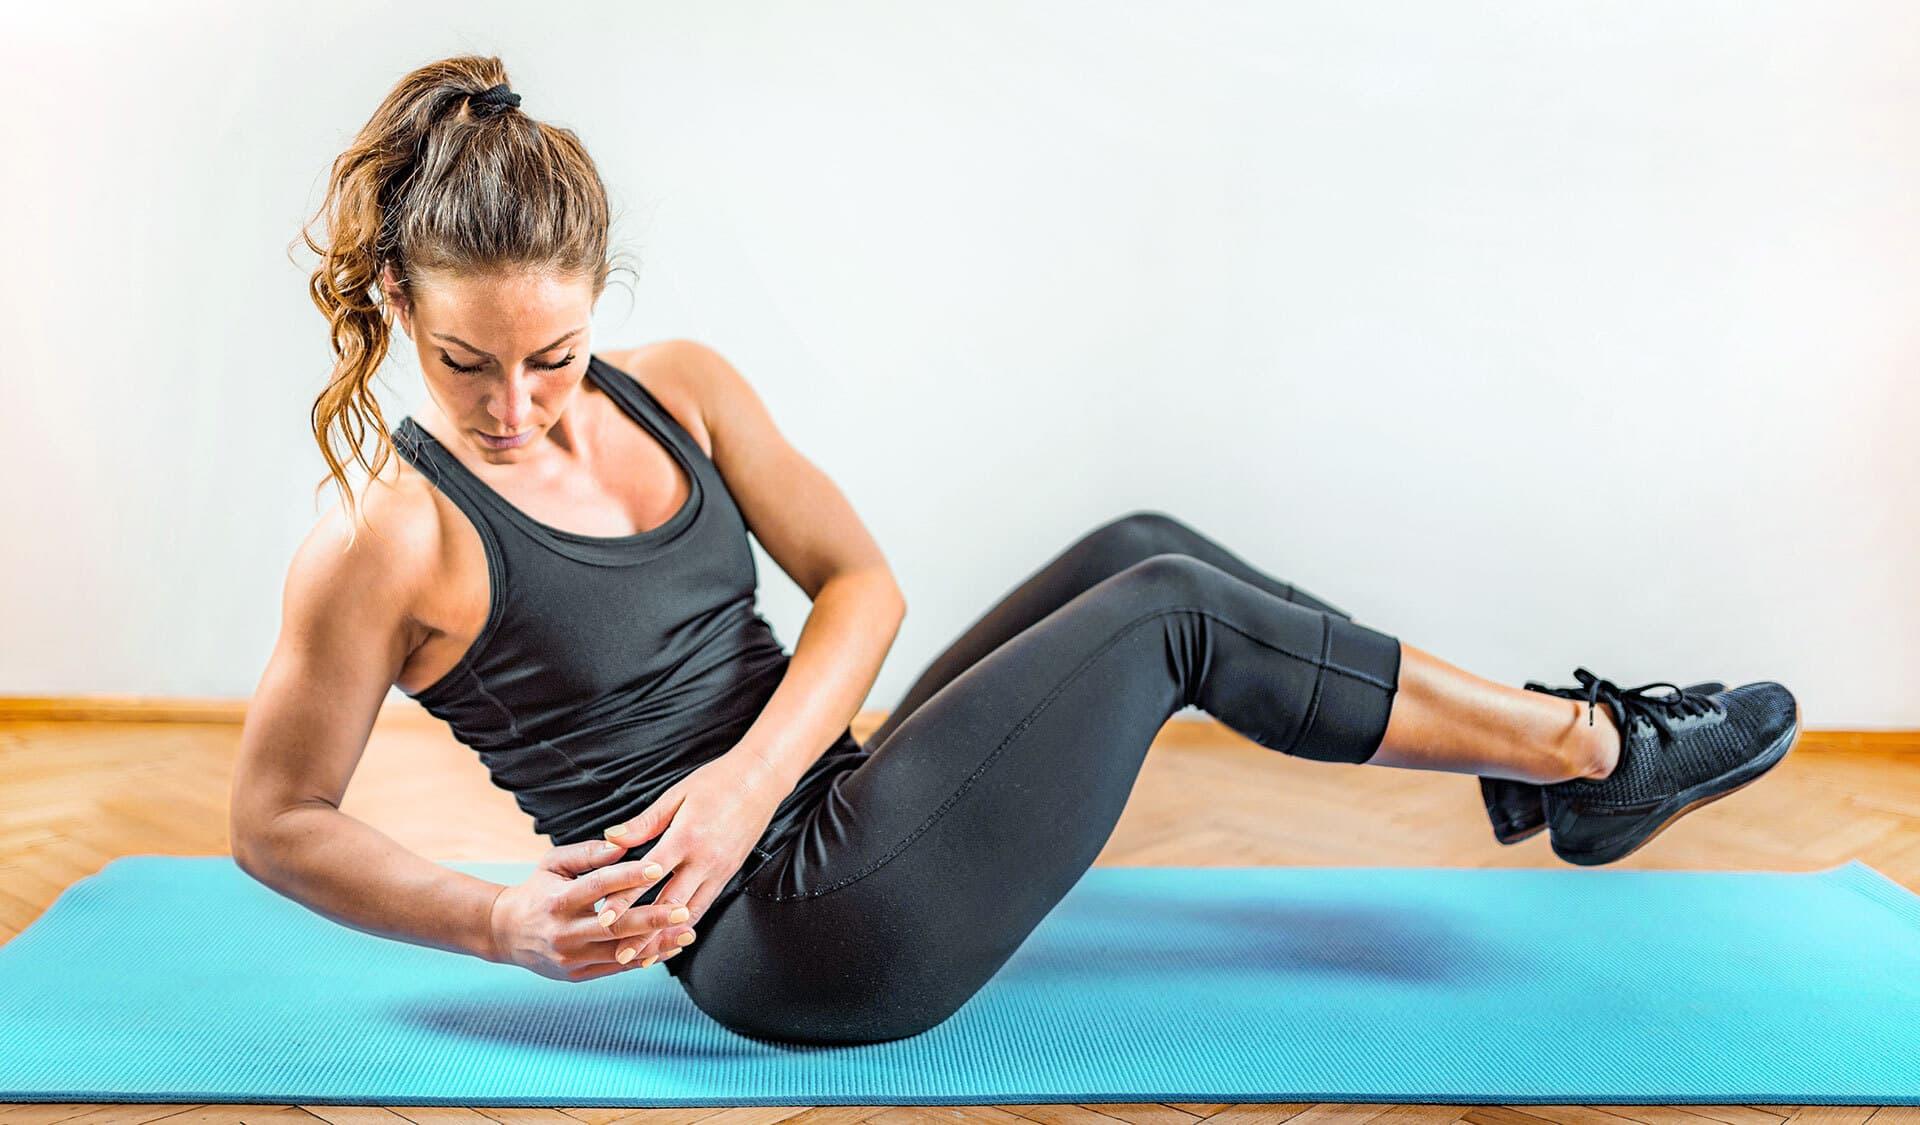 Frau beim Krafttraining mit eigenem Körpergewicht